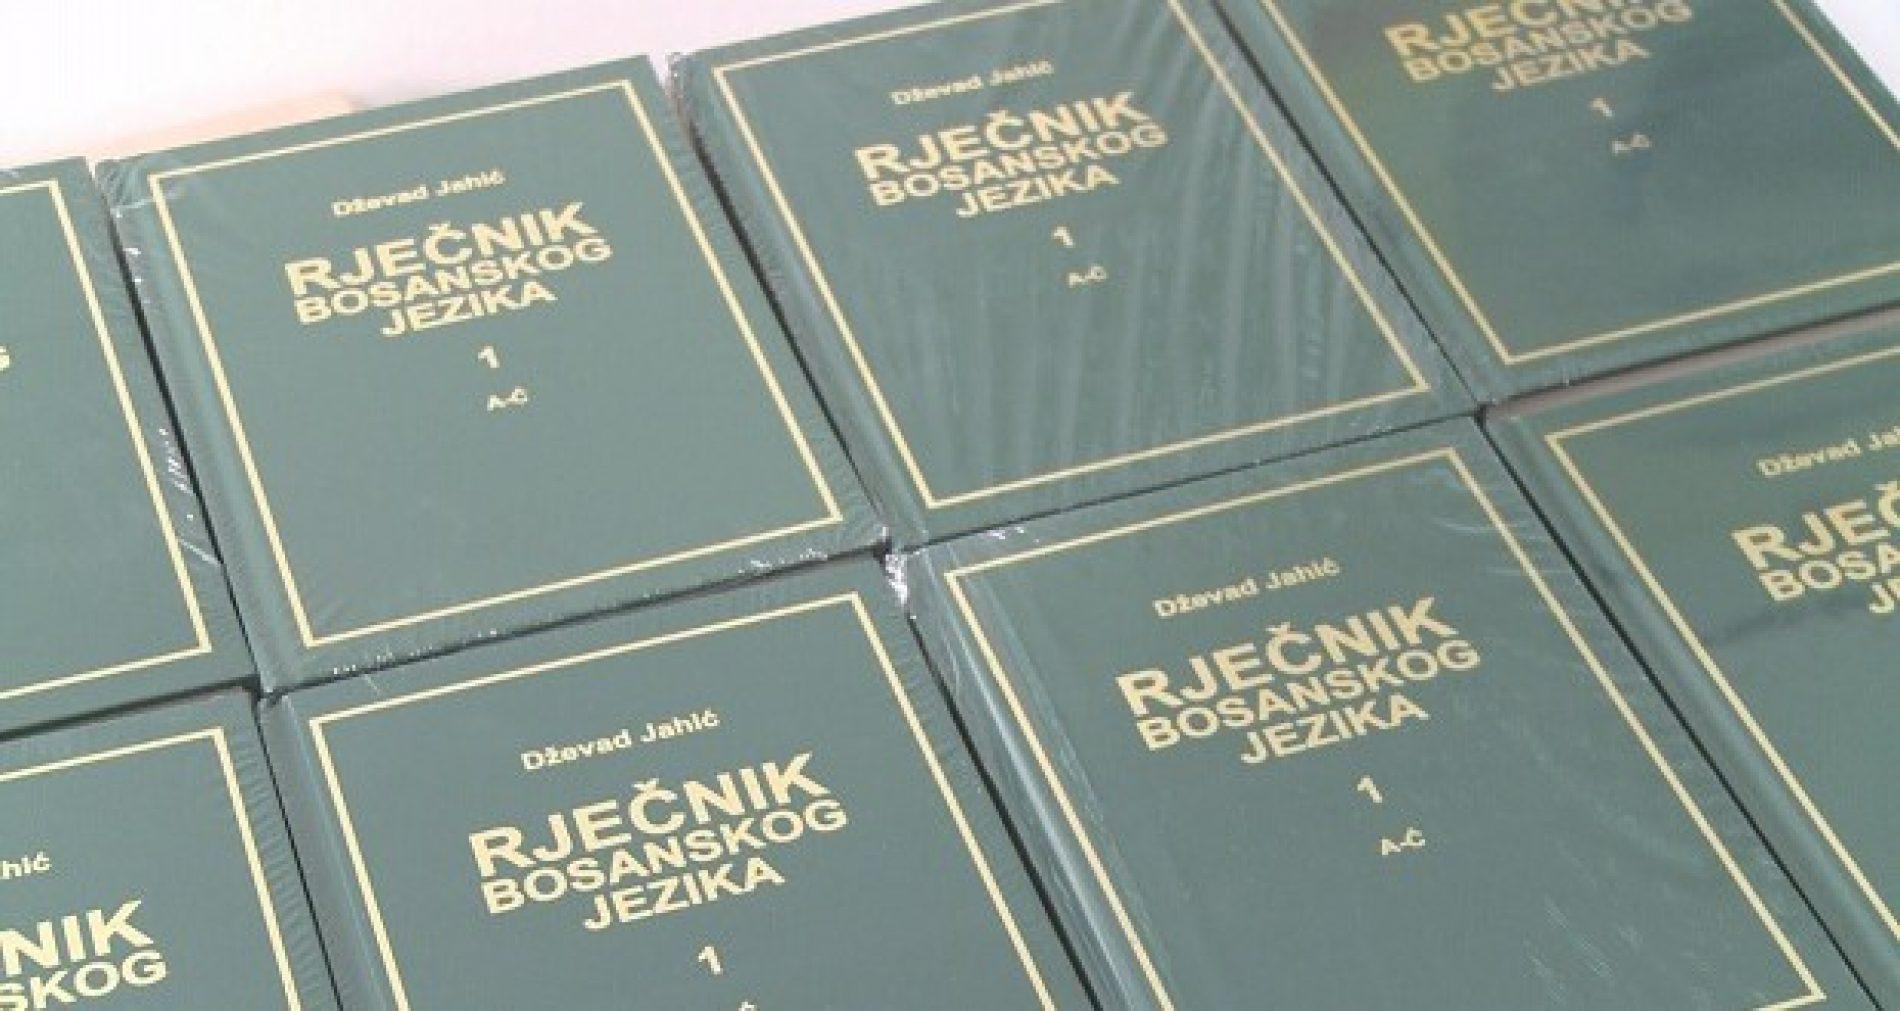 Nastavlja se projekat višetomnog Rječnika bosanskog jezika